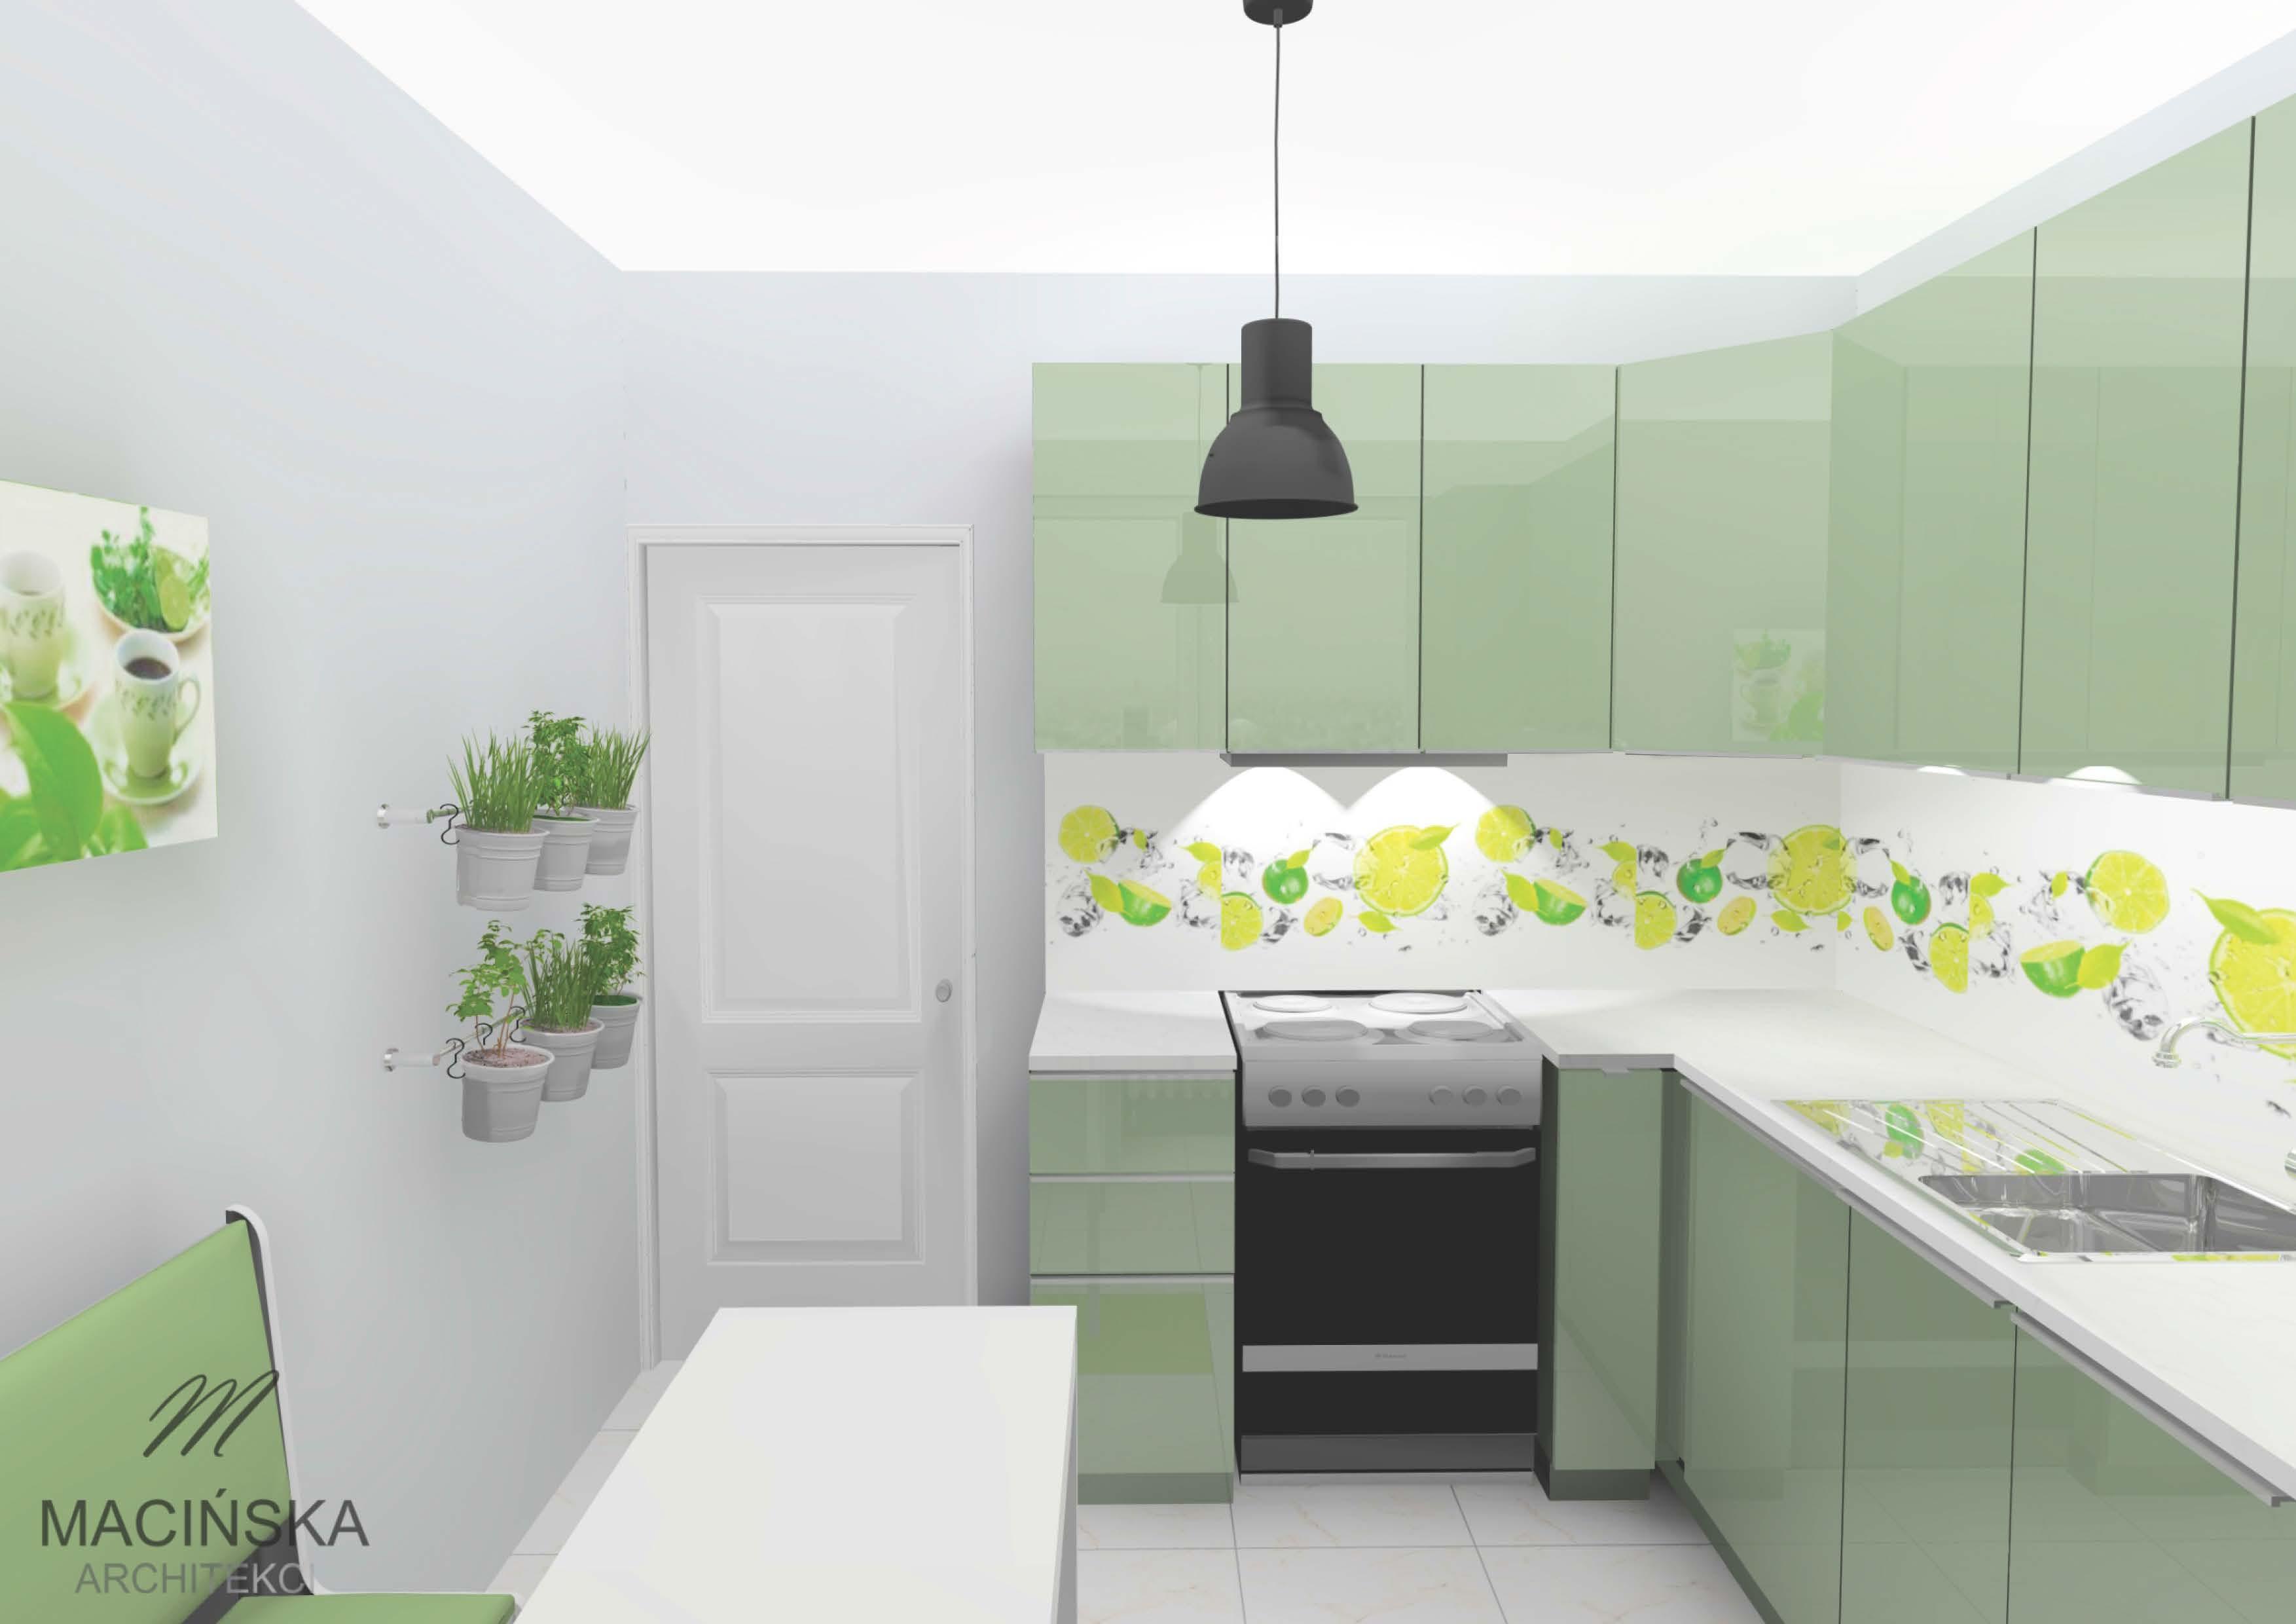 Meble Ikea W Małej Kuchni Macińska Architekci